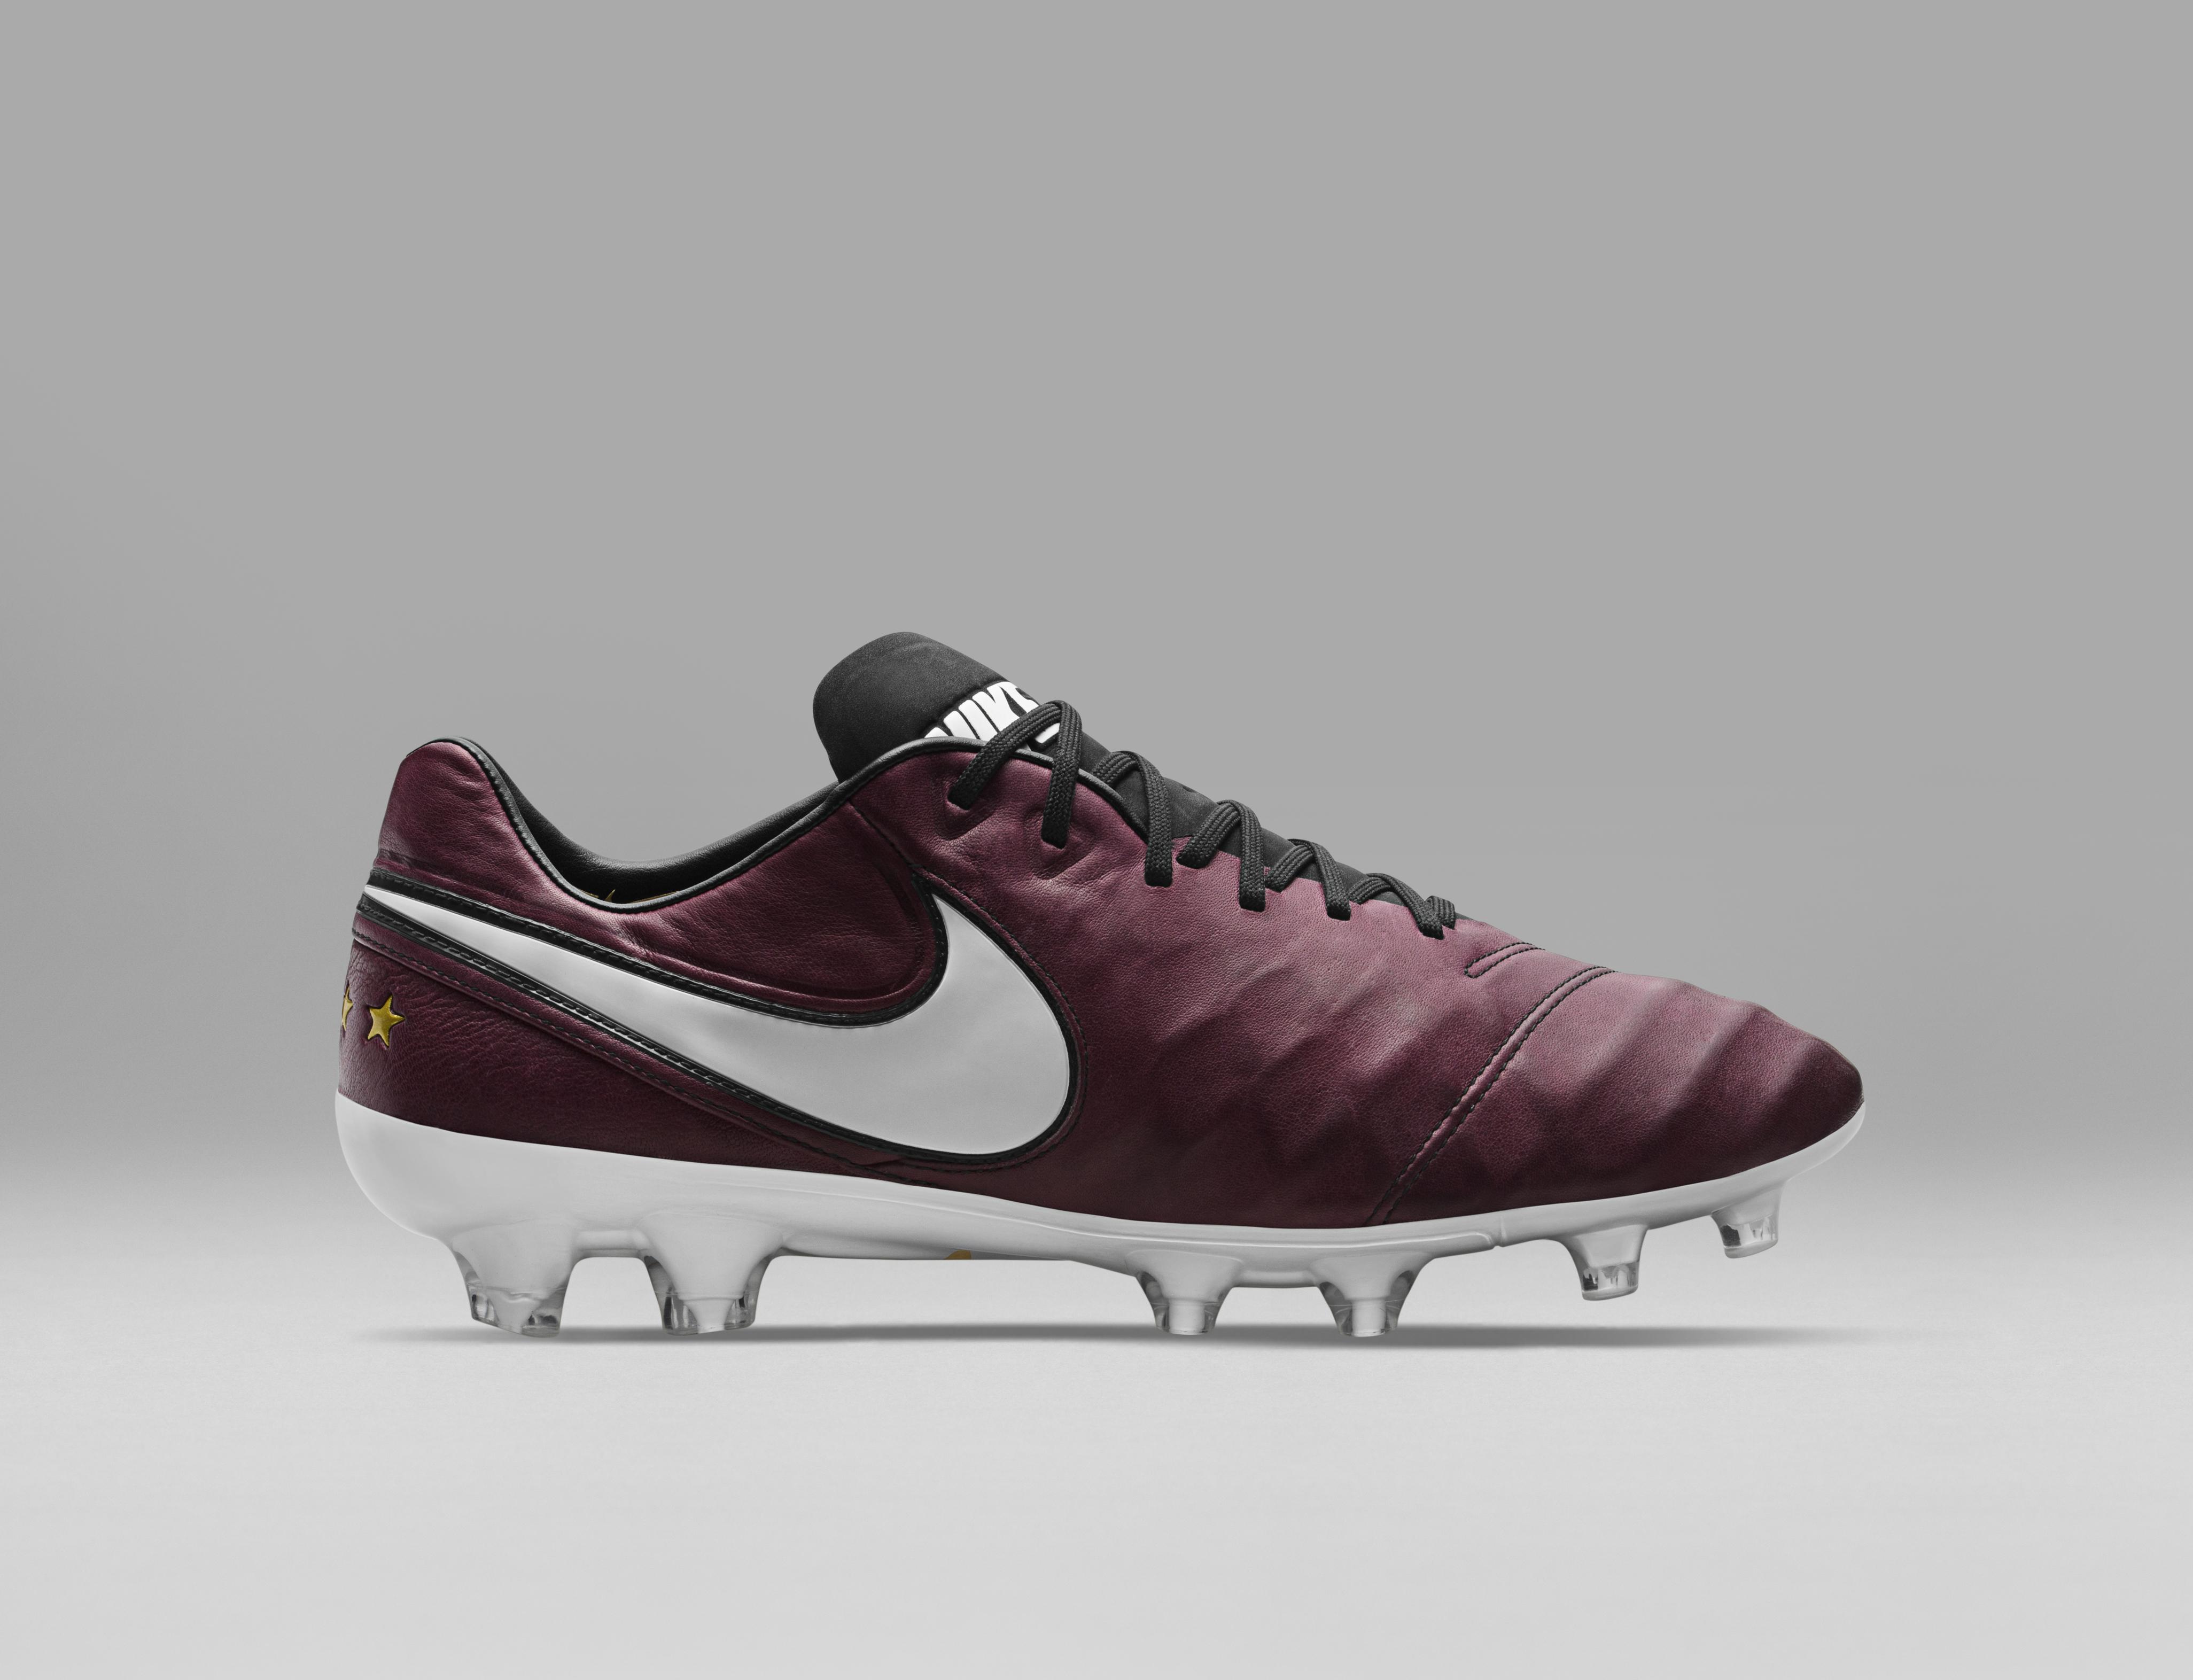 9e9b06e4e Nike Release Beautiful Limited Edition Merlot Pirlo Boots Tiempo Pirlo -  Nike News ...